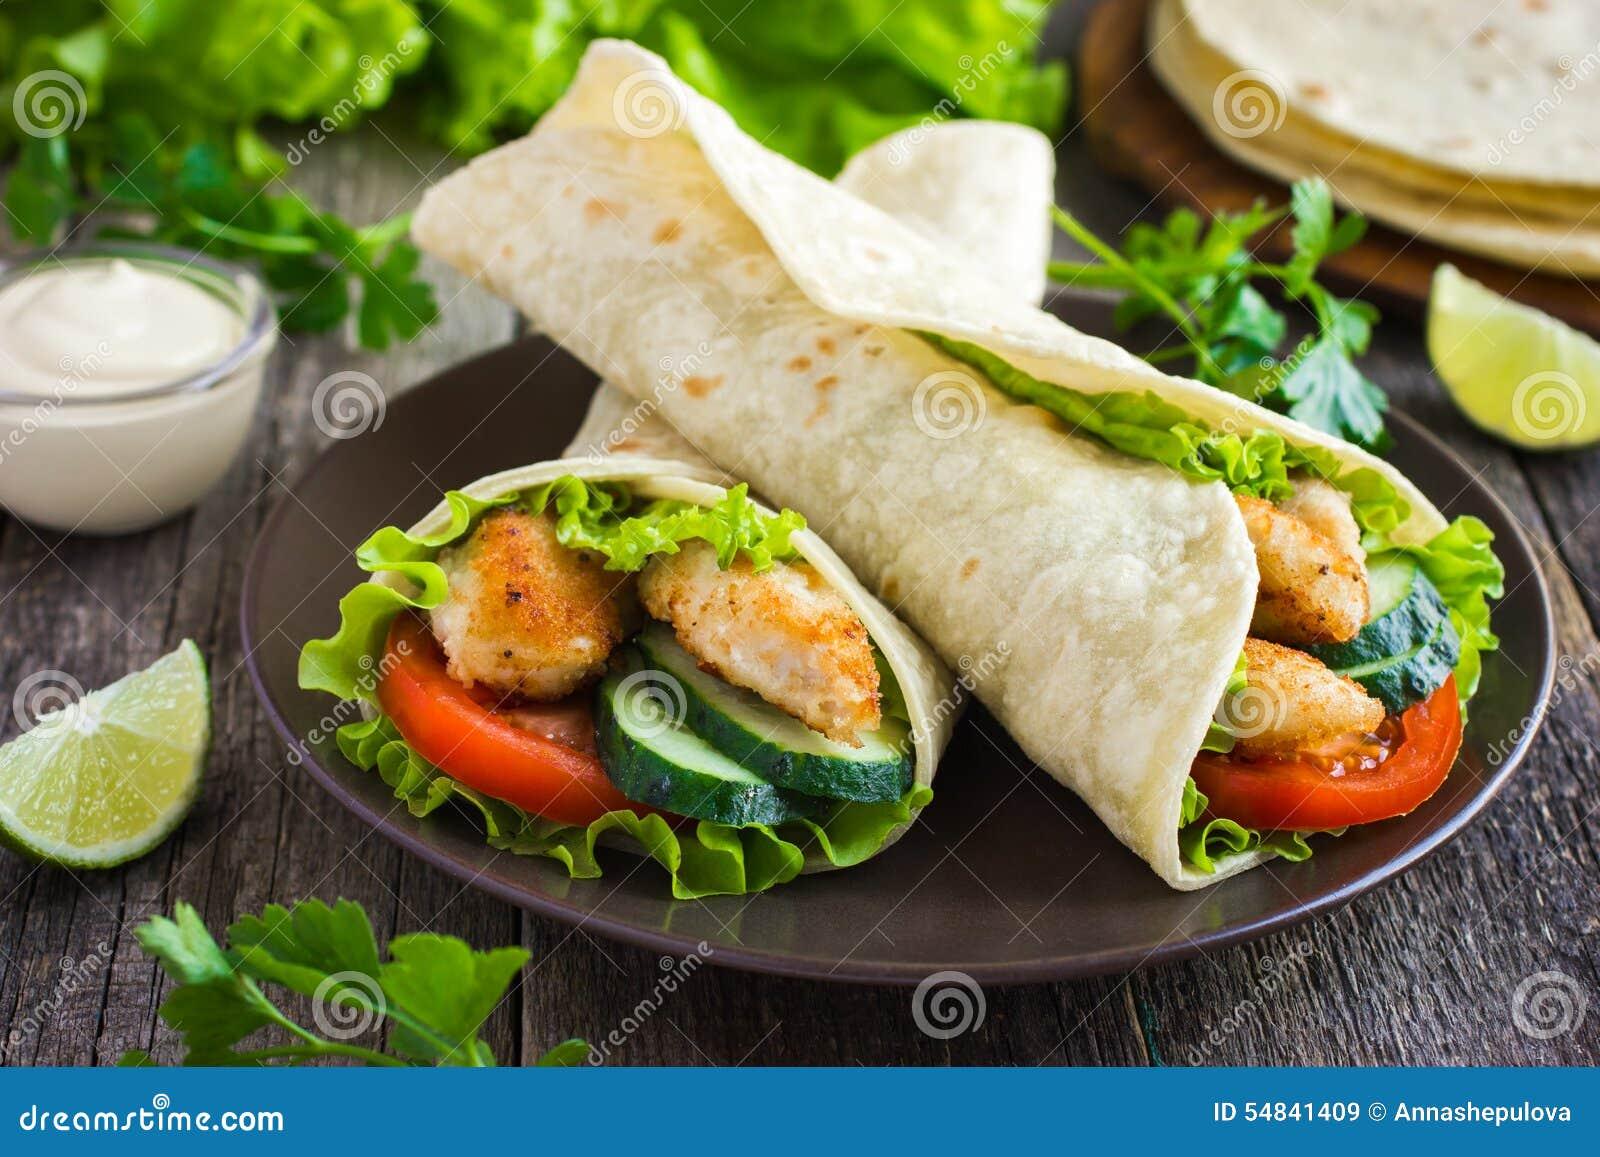 Tortillaverpackung mit Huhn und Gemüse